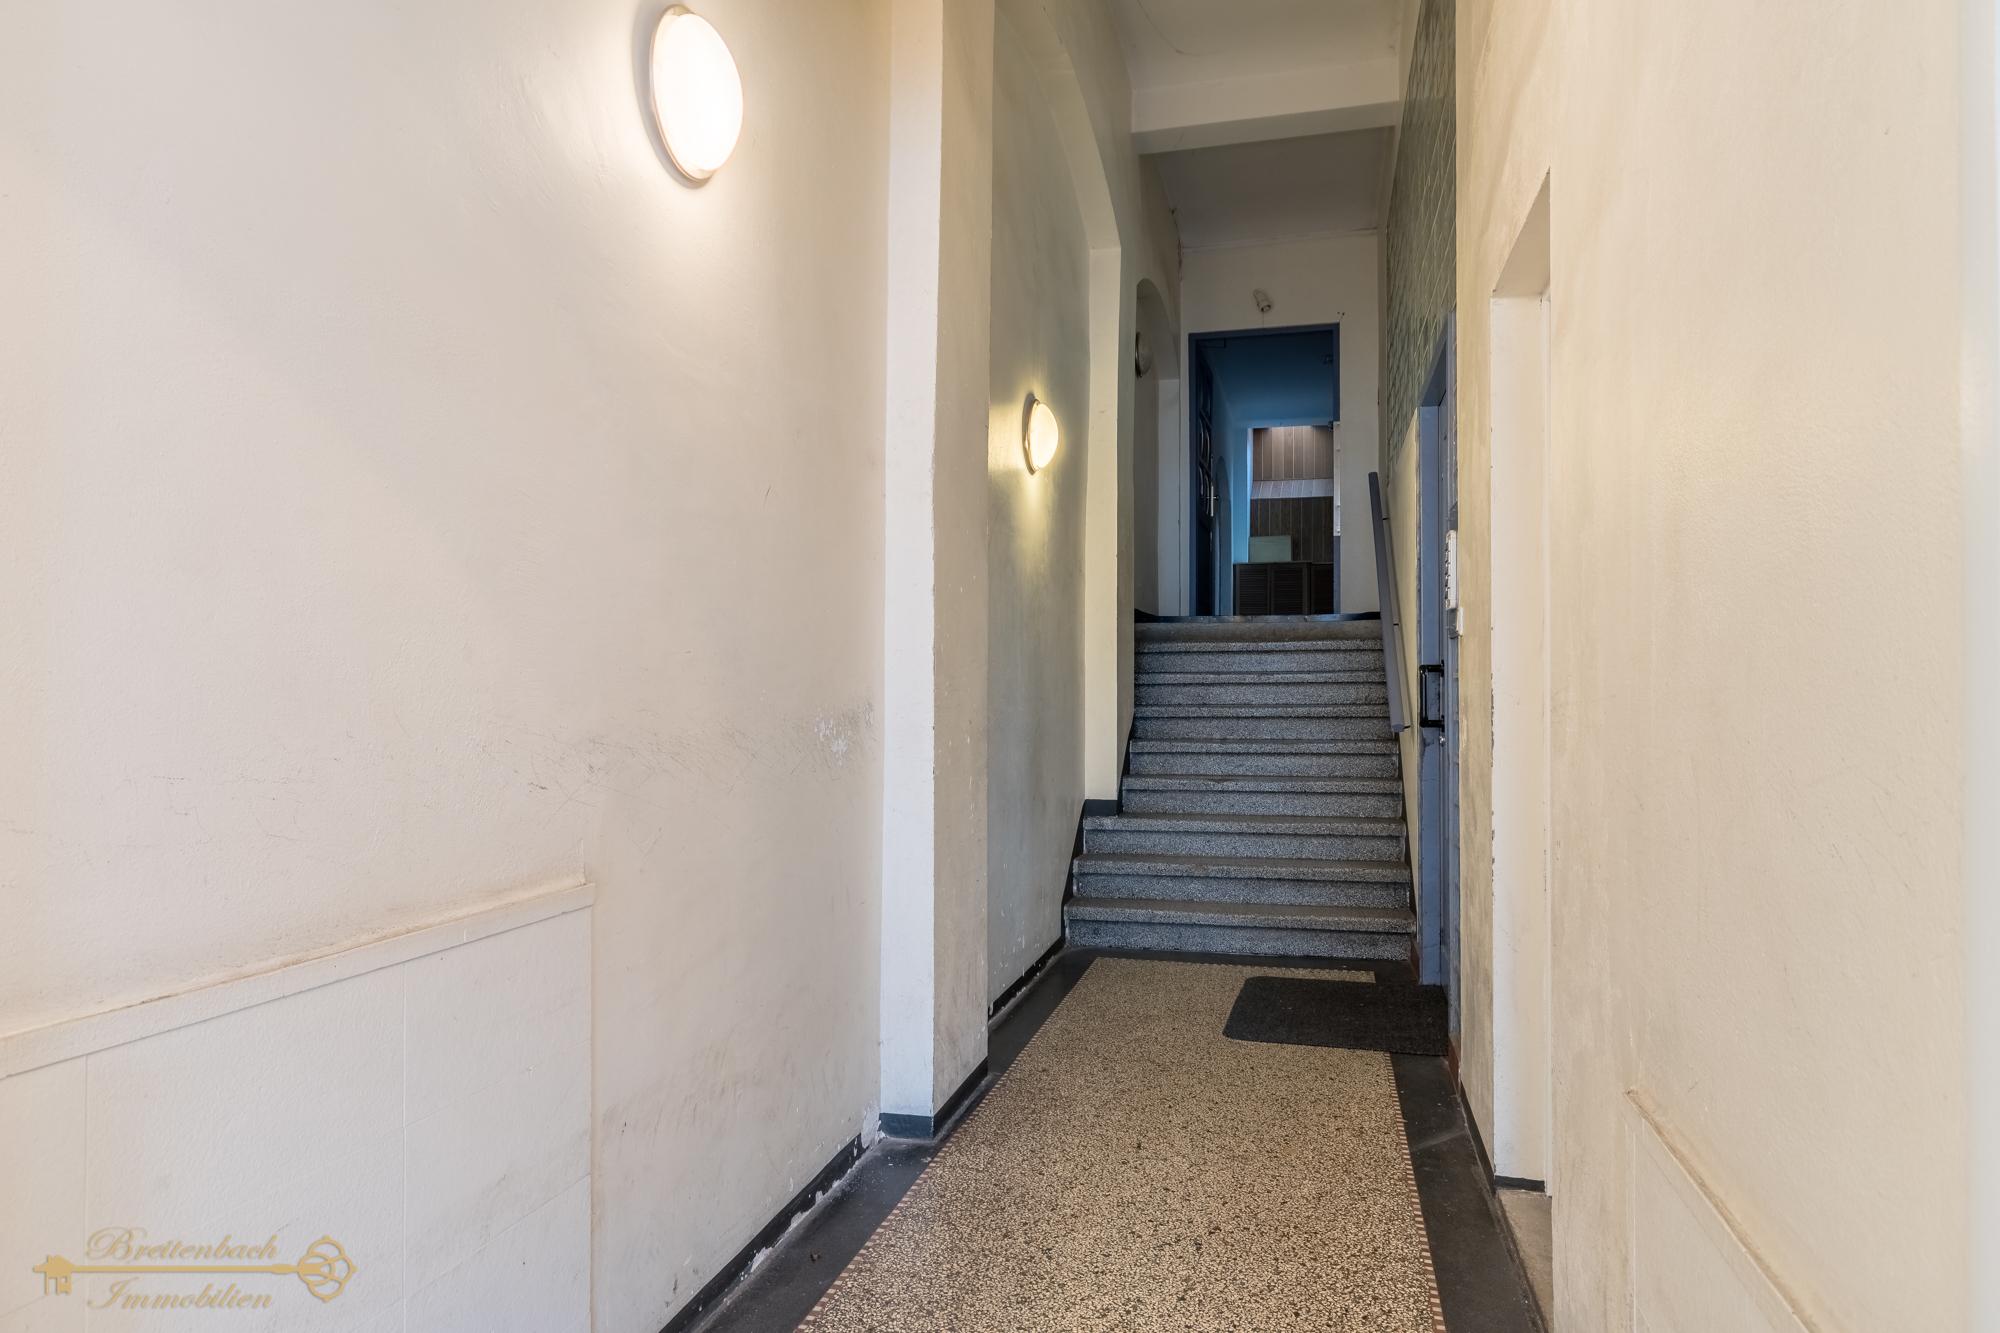 2020-11-15-Breitenbach-Immobilien-17